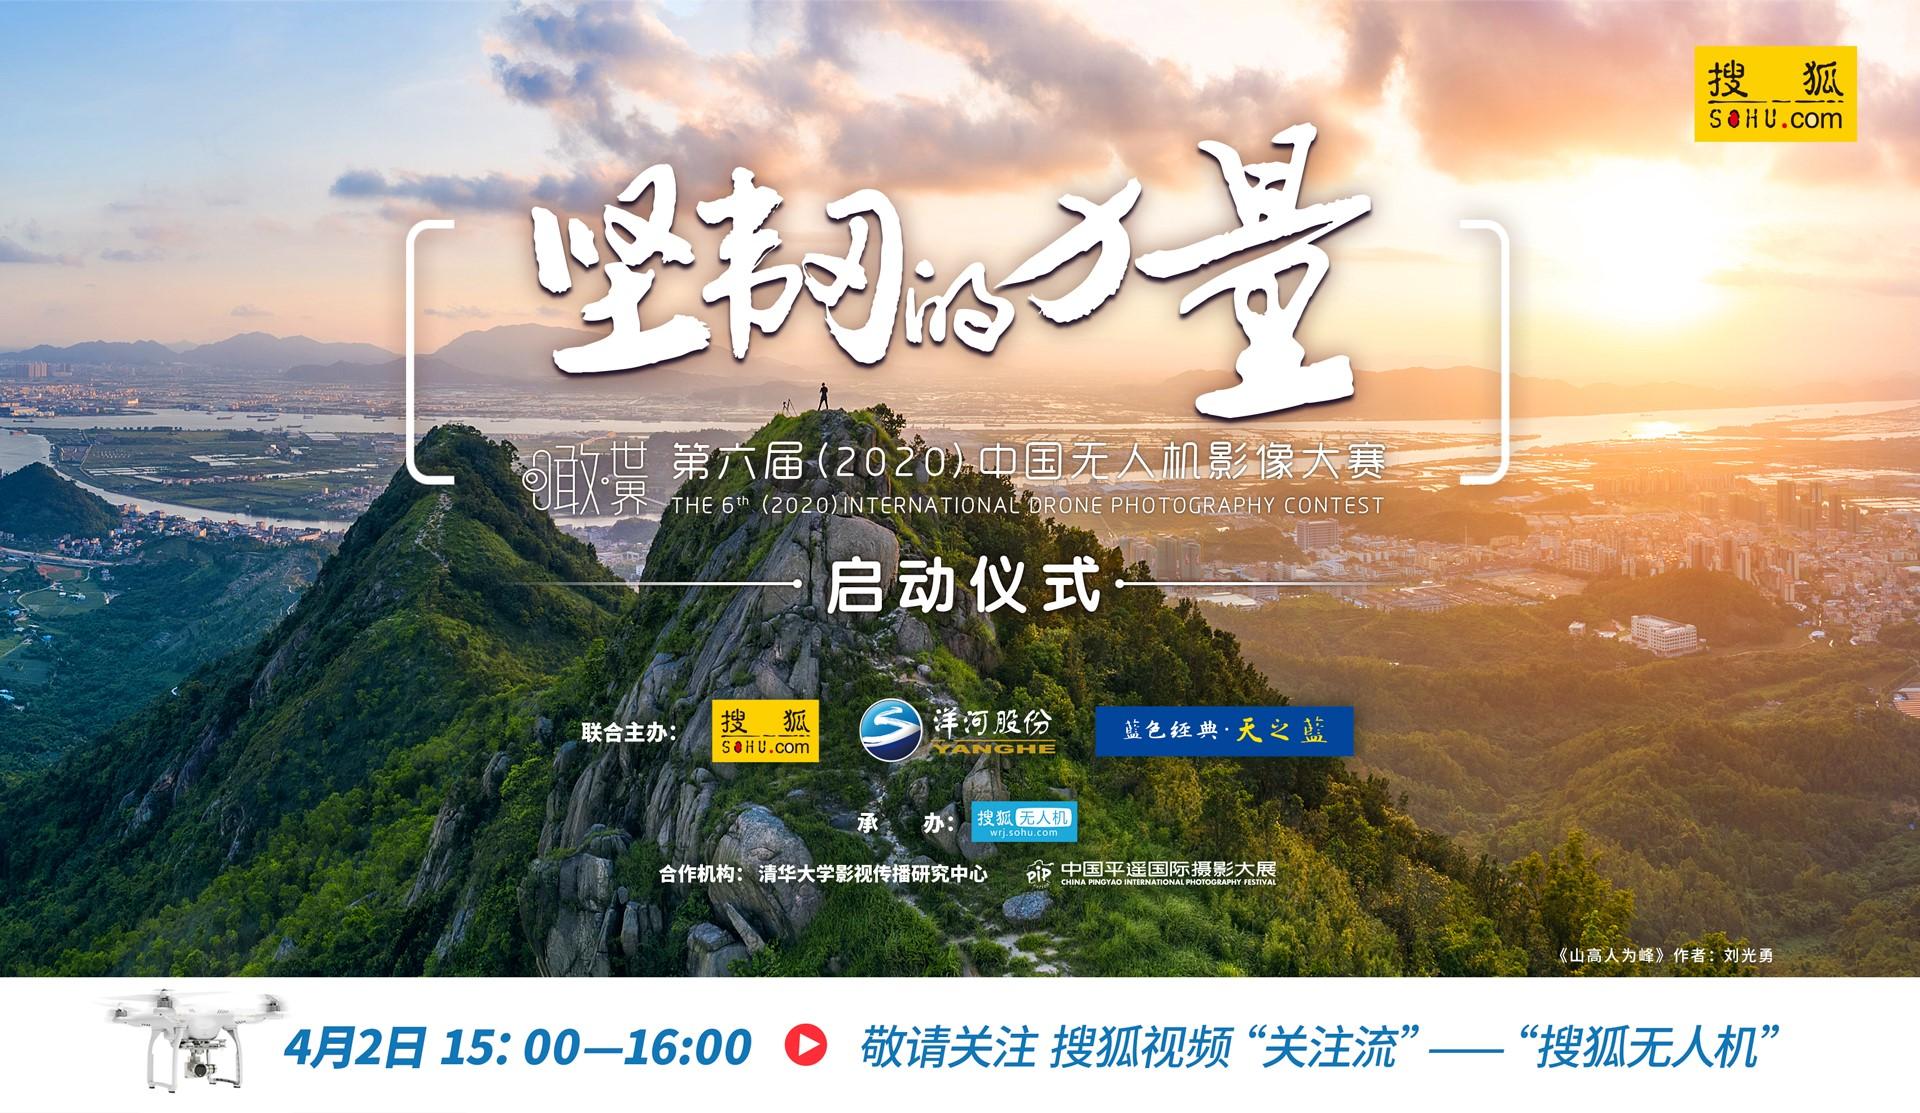 第六届(2020)中国无人机影像大赛即将启动